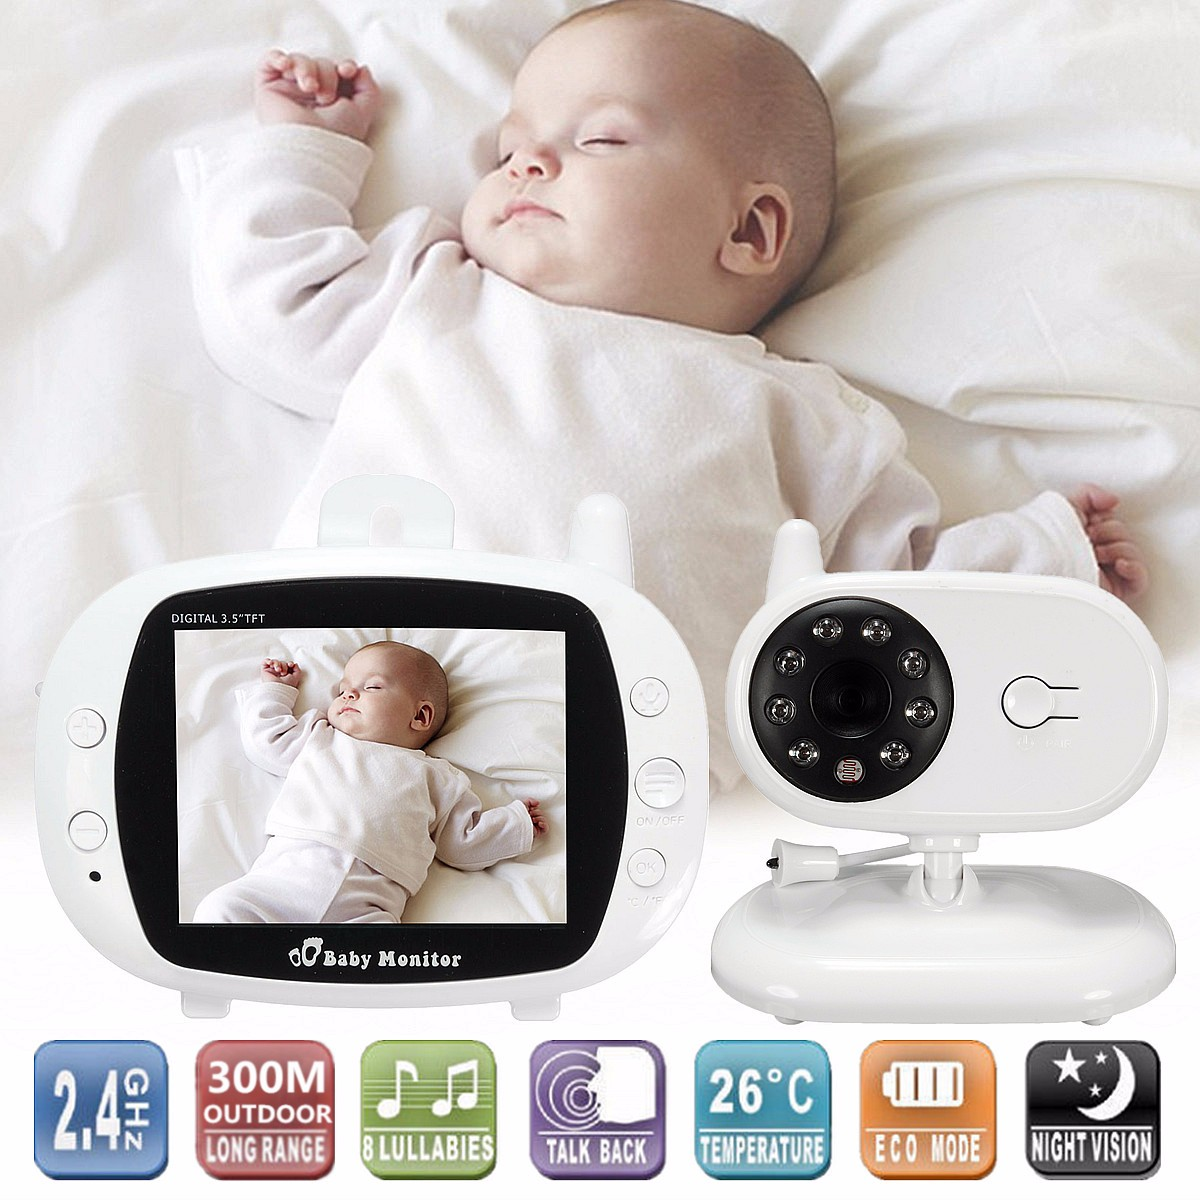 3,5 zoll 2,4 GHz Wireless Digital LCD Baby Monitor Kamera Audio Sprechen Video Nachtsicht Farbe Hohe Auflösung CMOS Nanny sicherheit